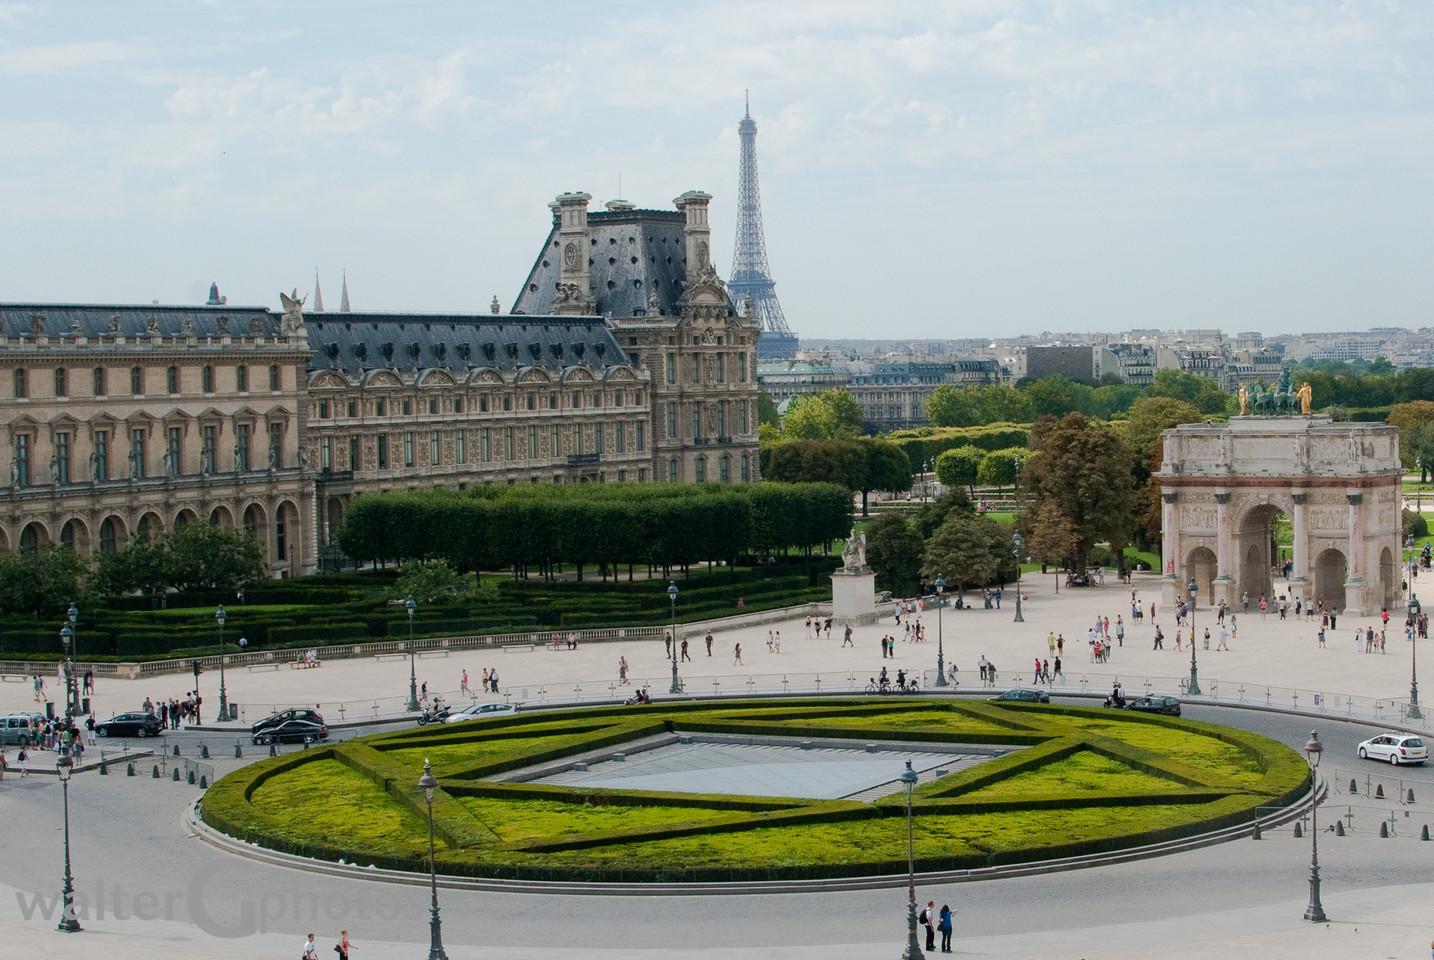 Louvre Courtyard & Eiffel Tower, Paris, Frances